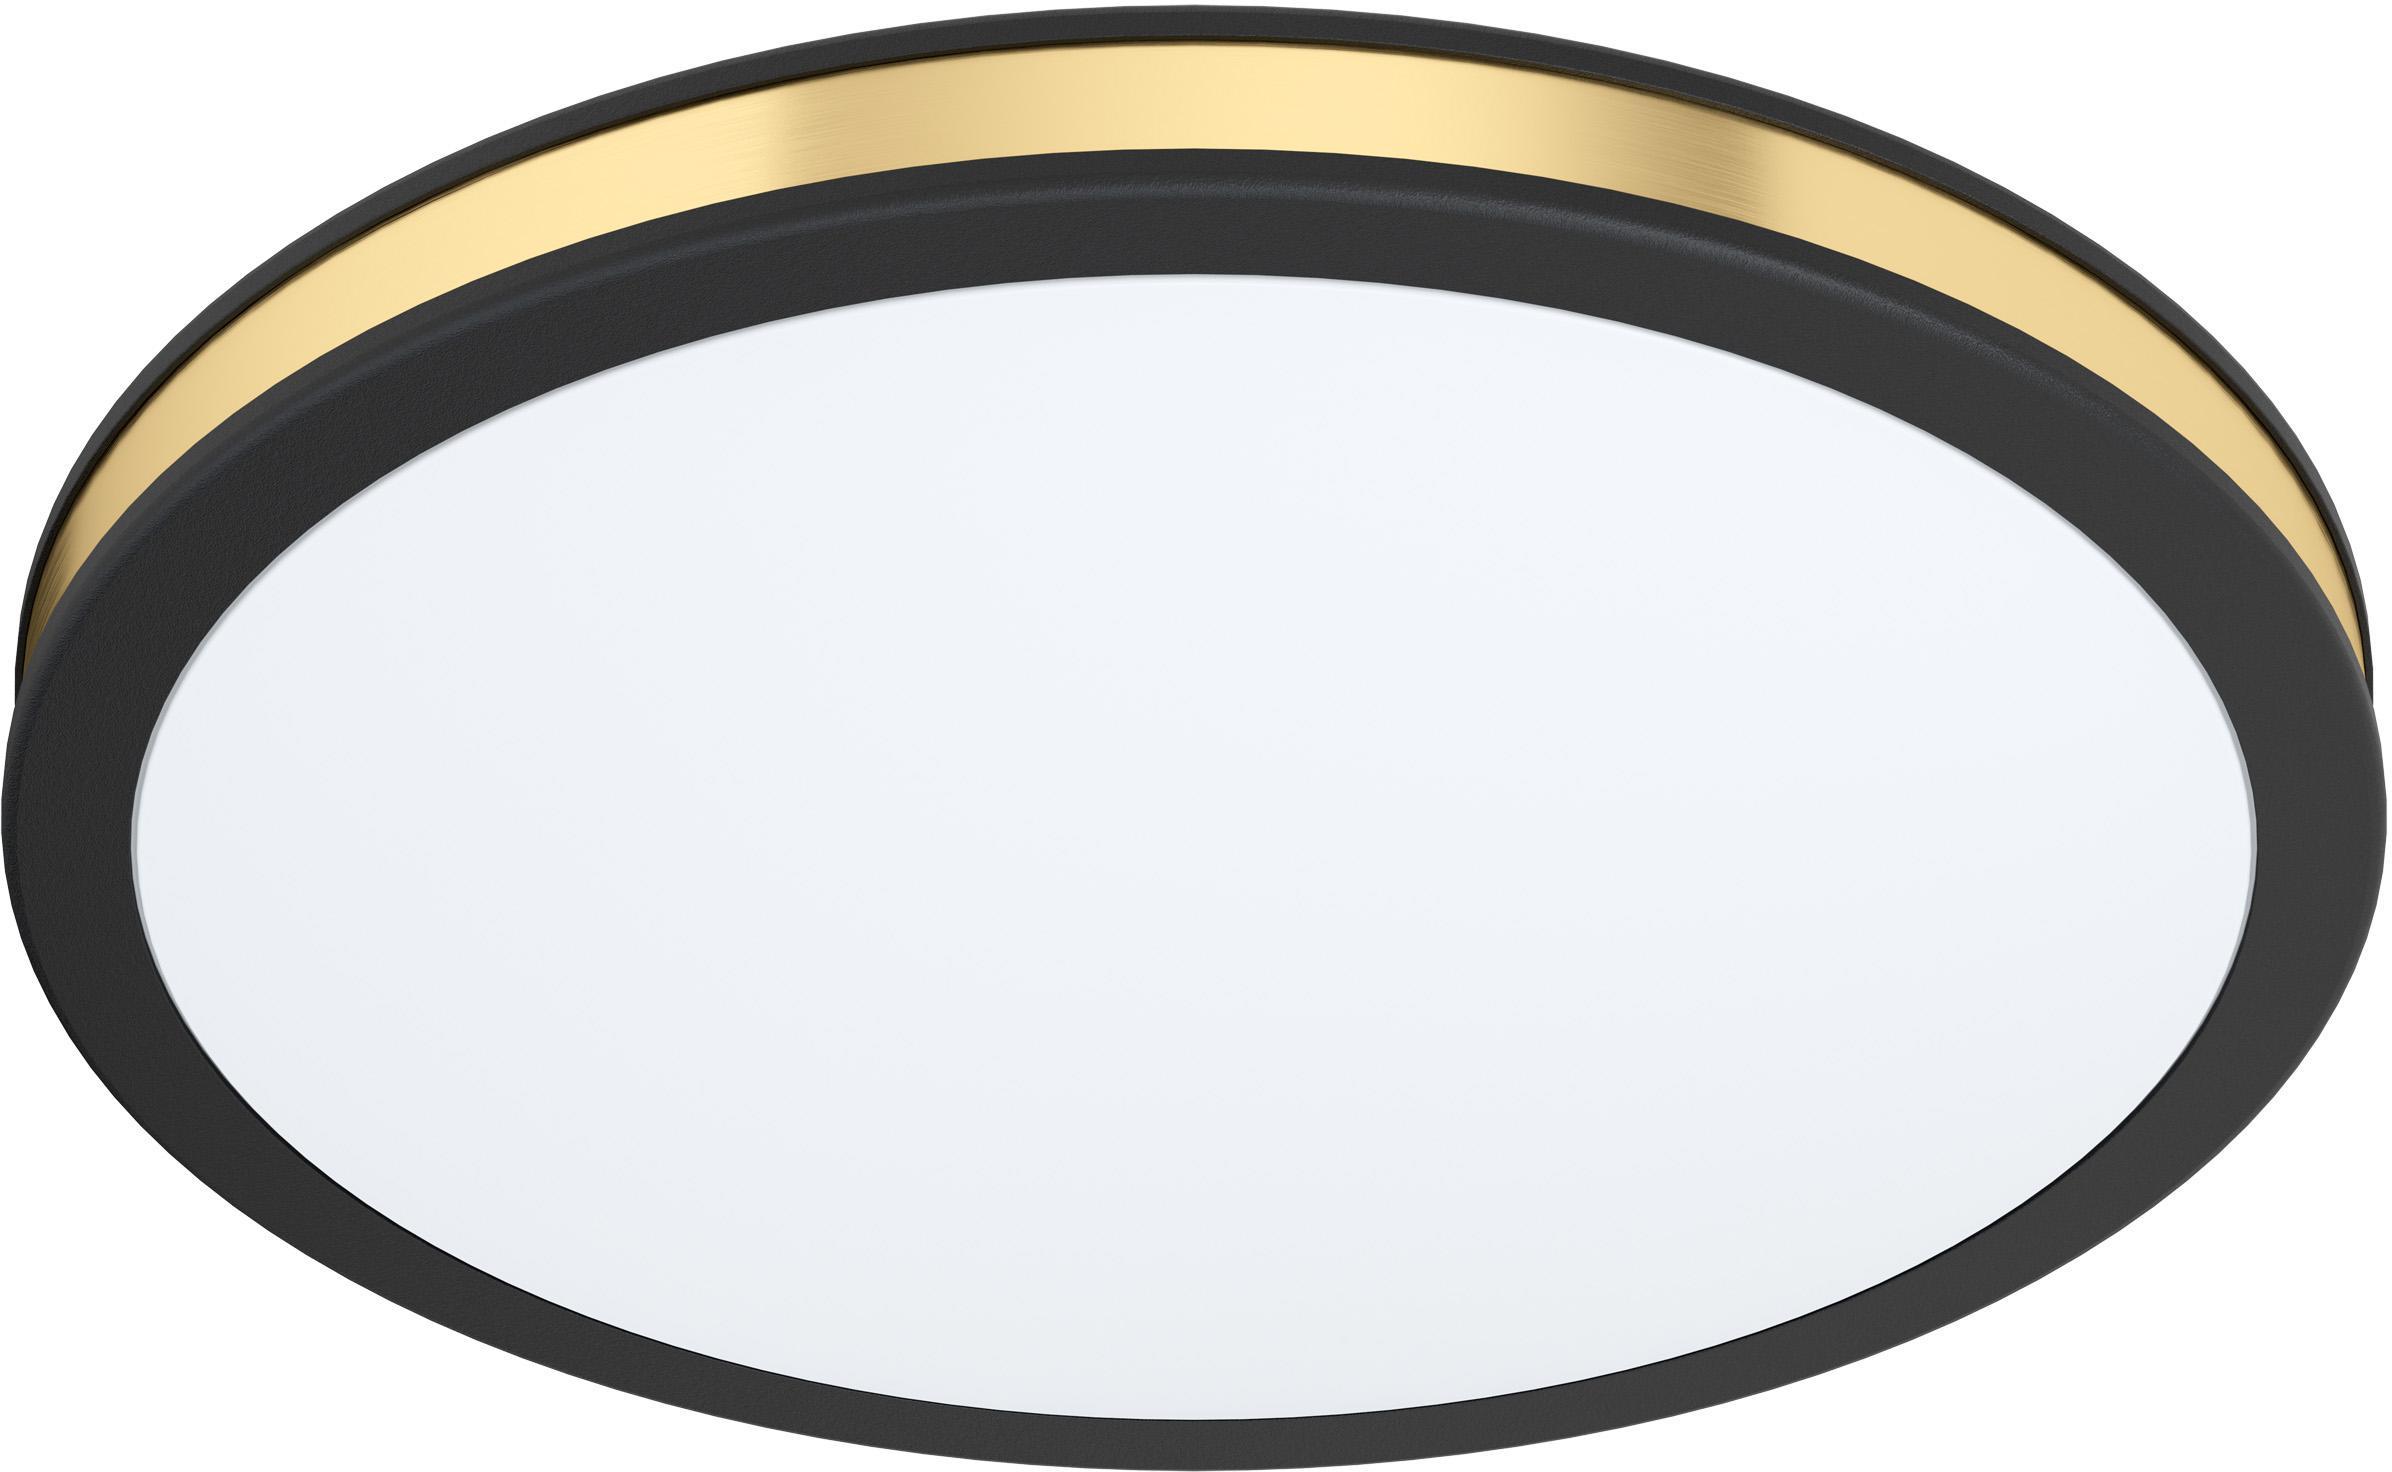 Plafonnier LED Pescaito, Noir, couleur dorée